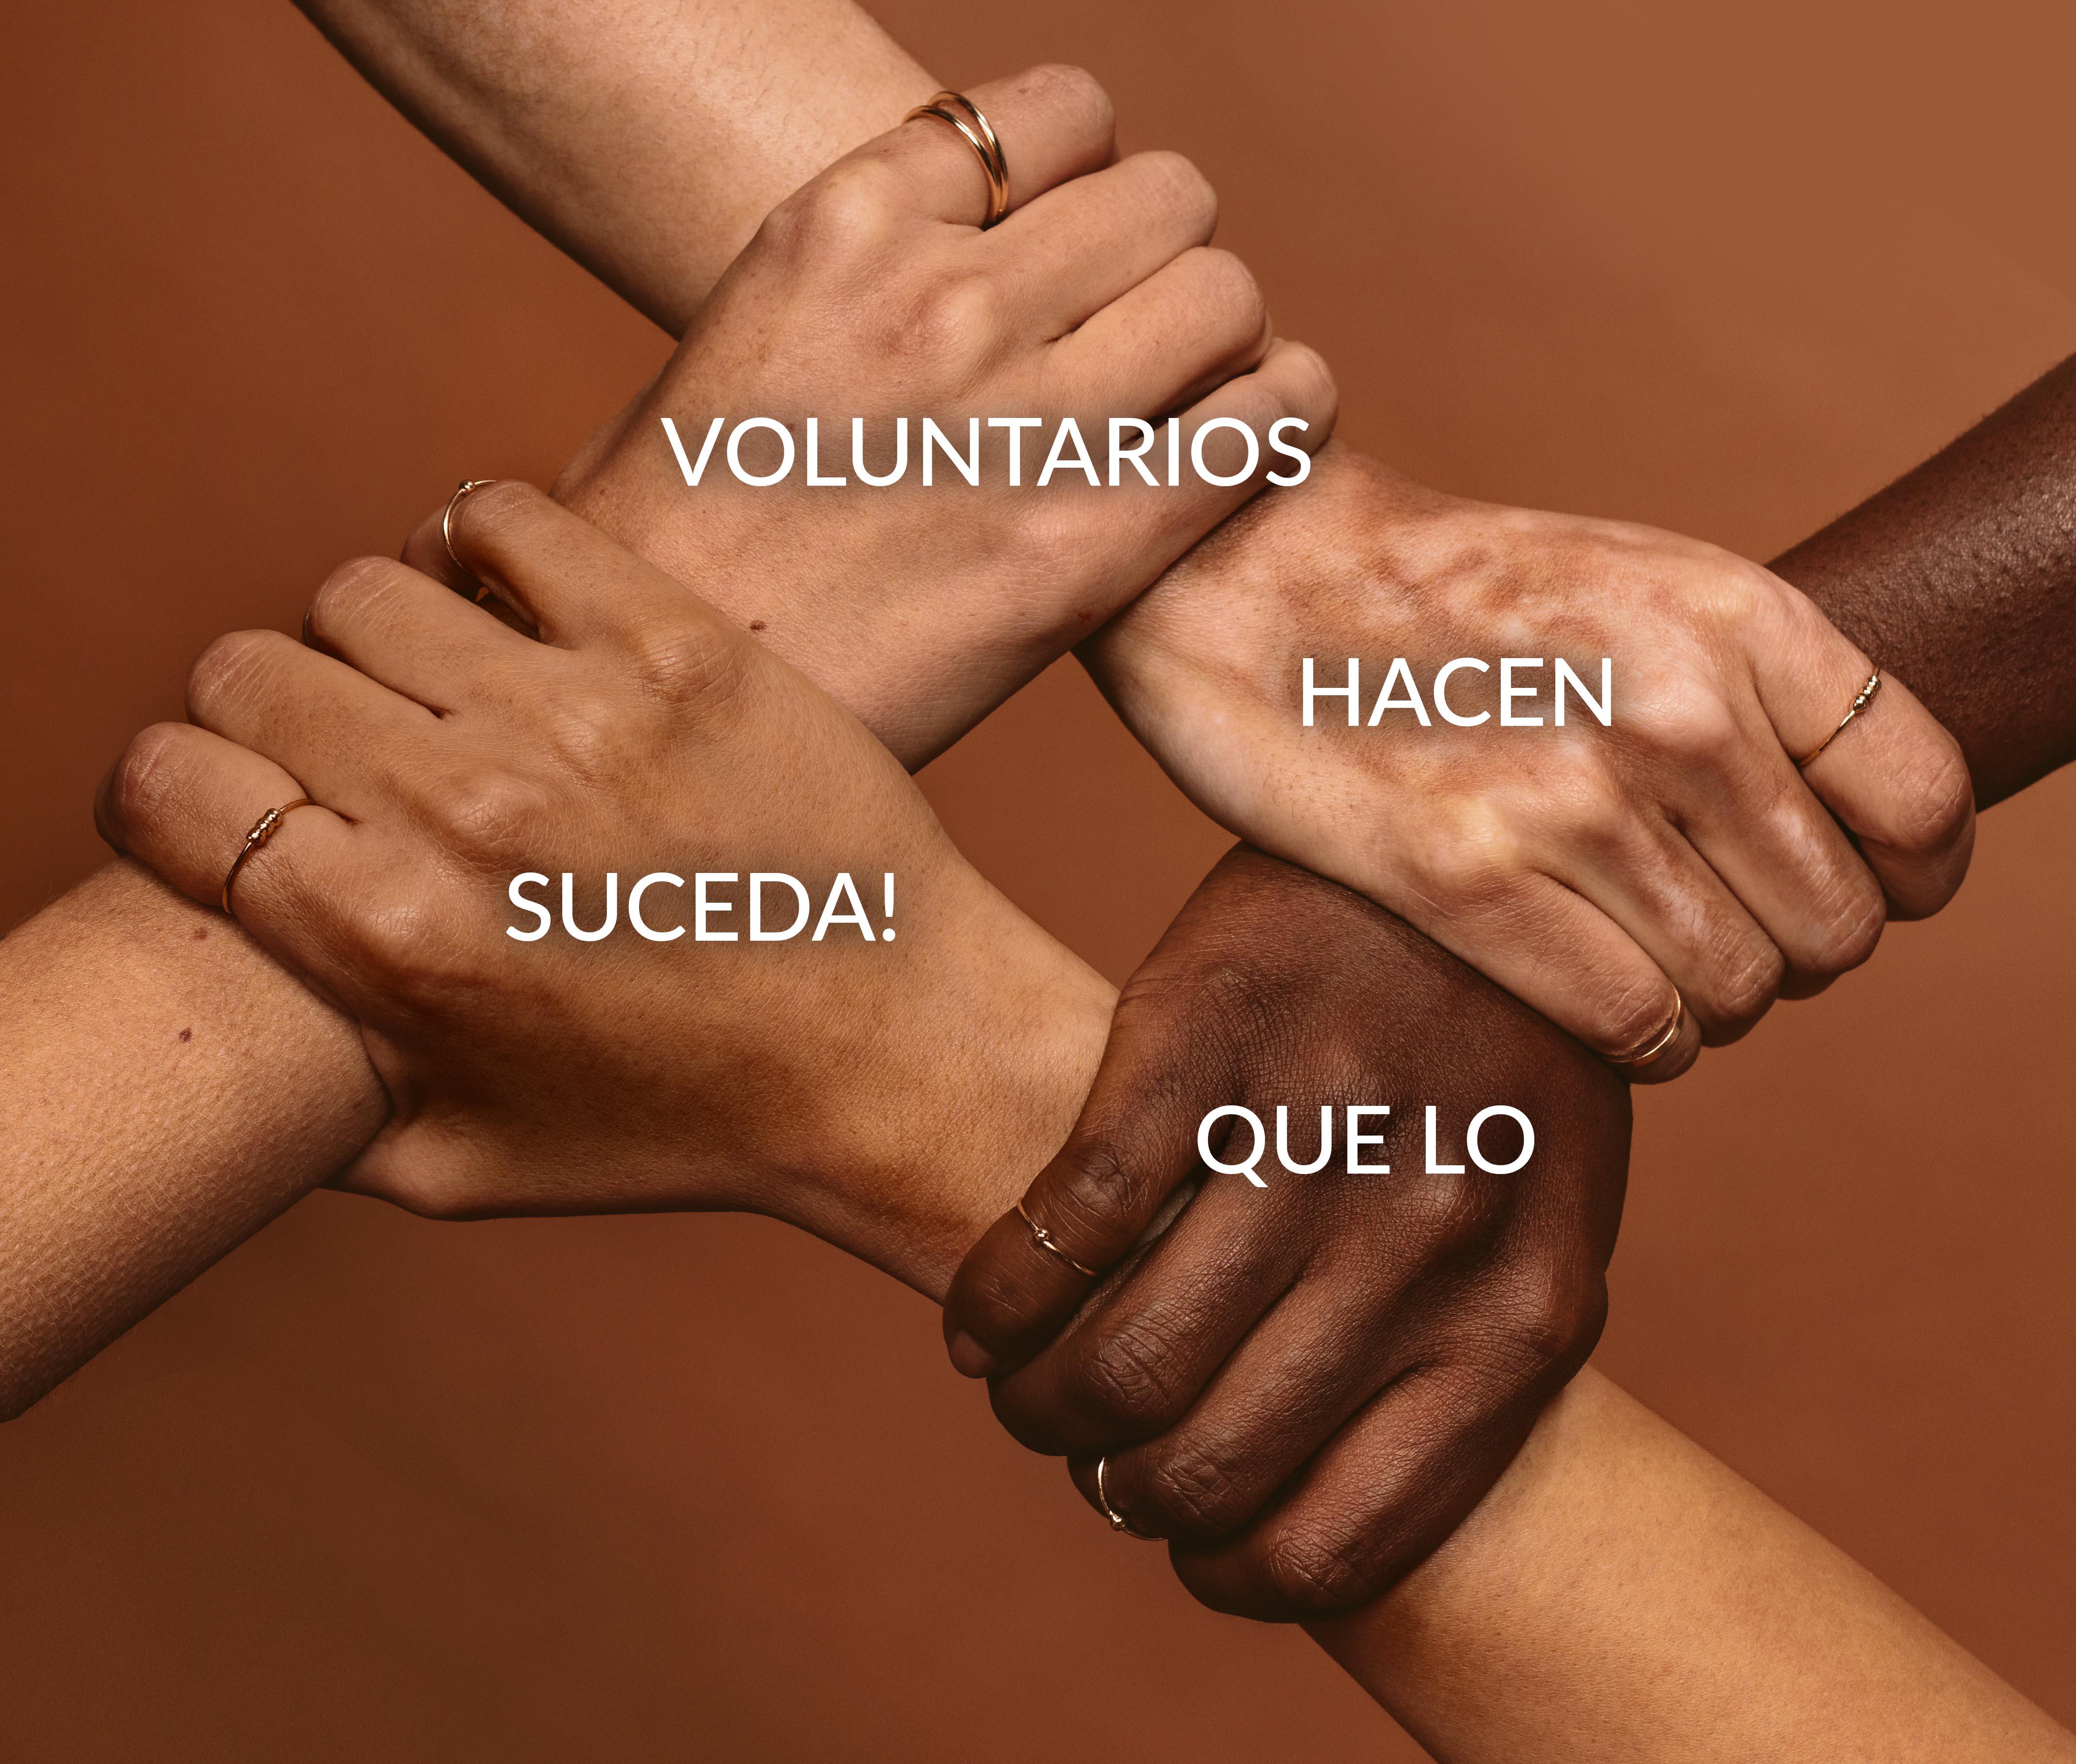 Voluntarios hacen que lo suceda!